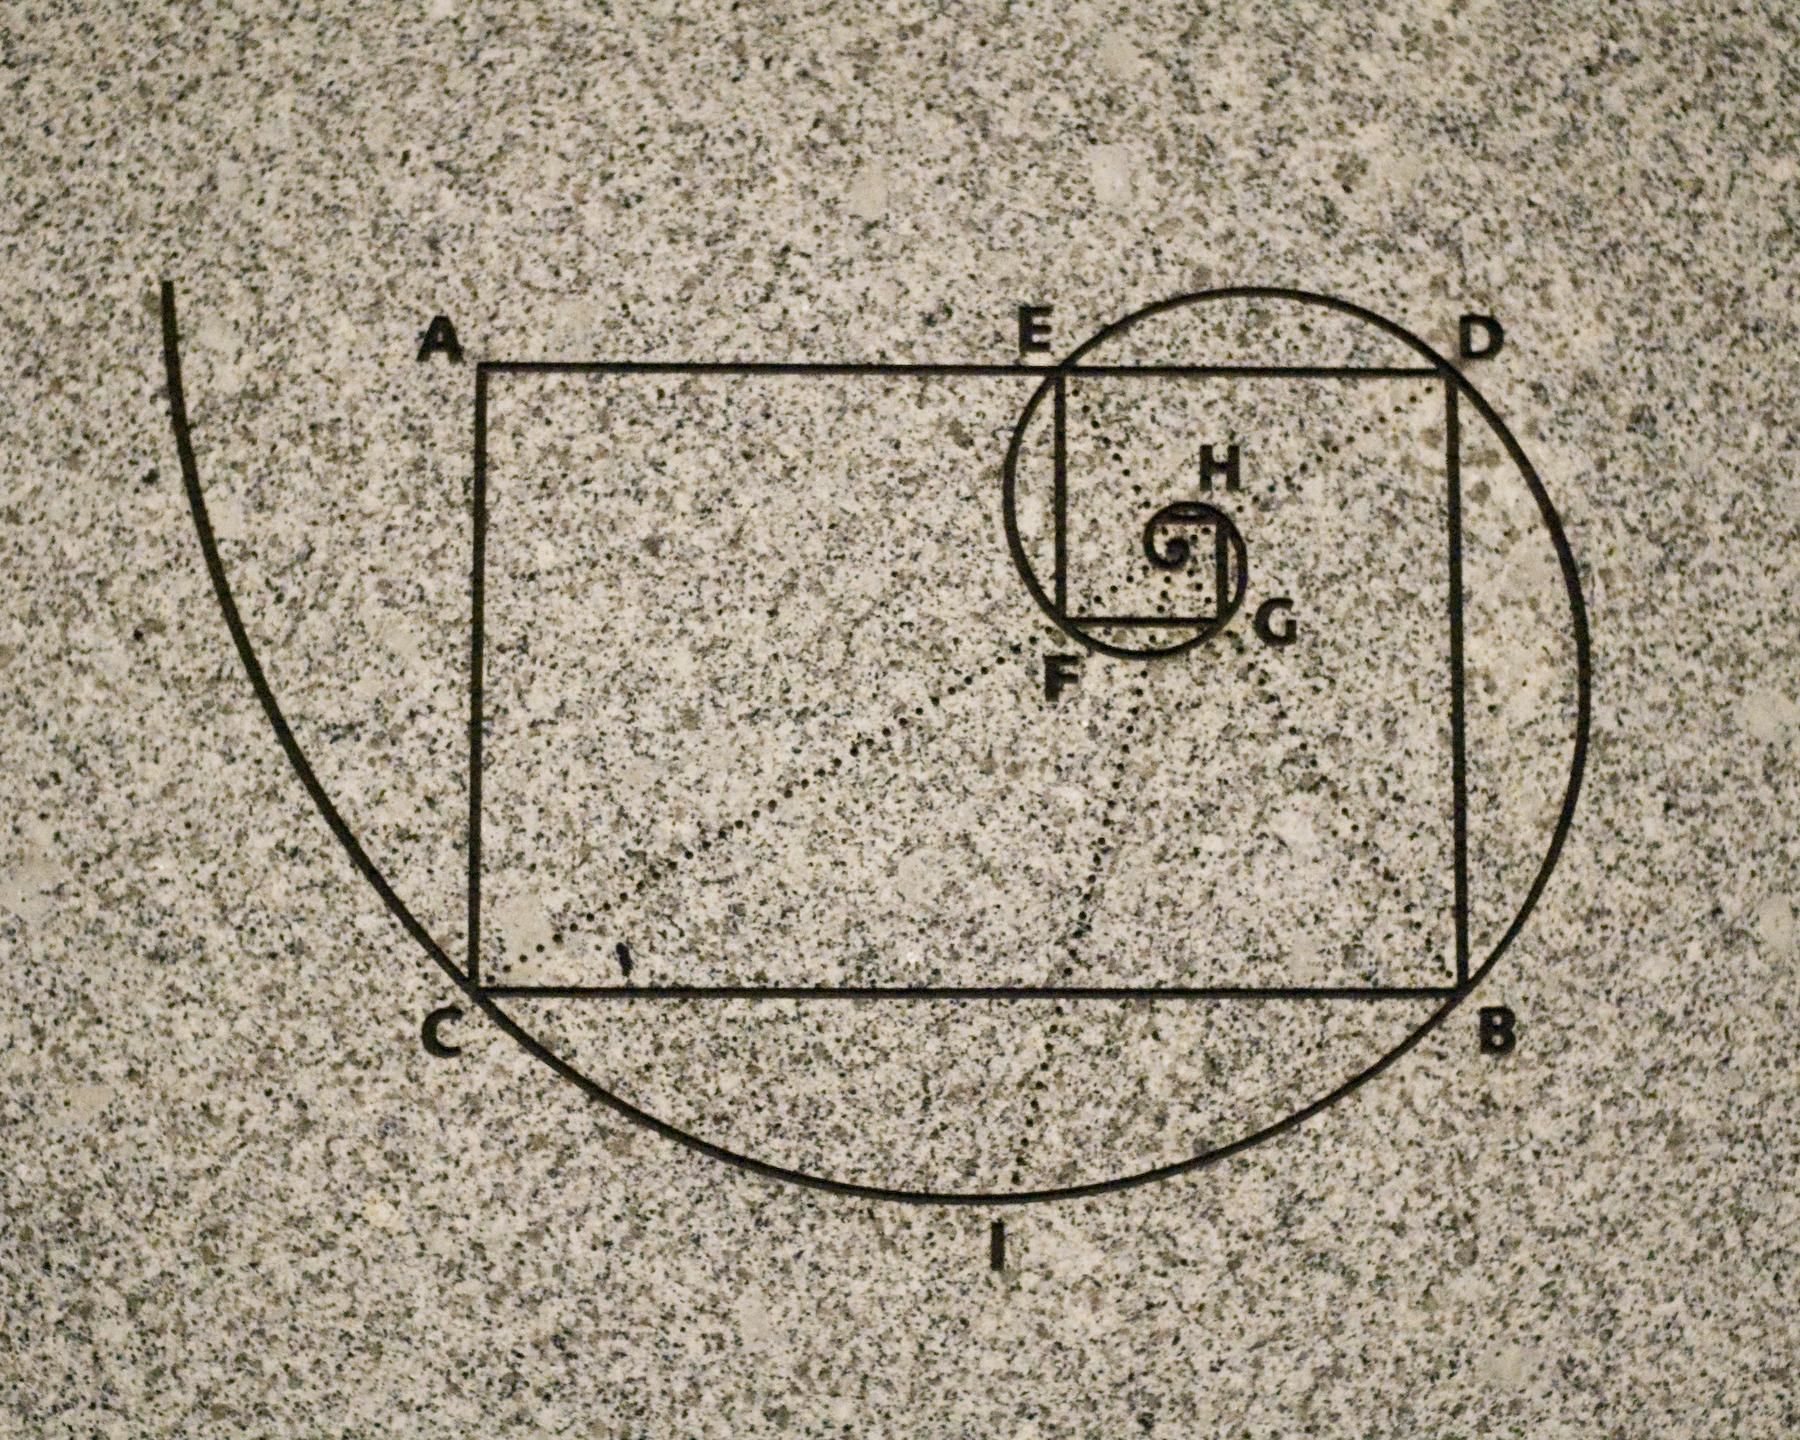 The fibonacci golden spiral. Image credit Benjamin Chan.